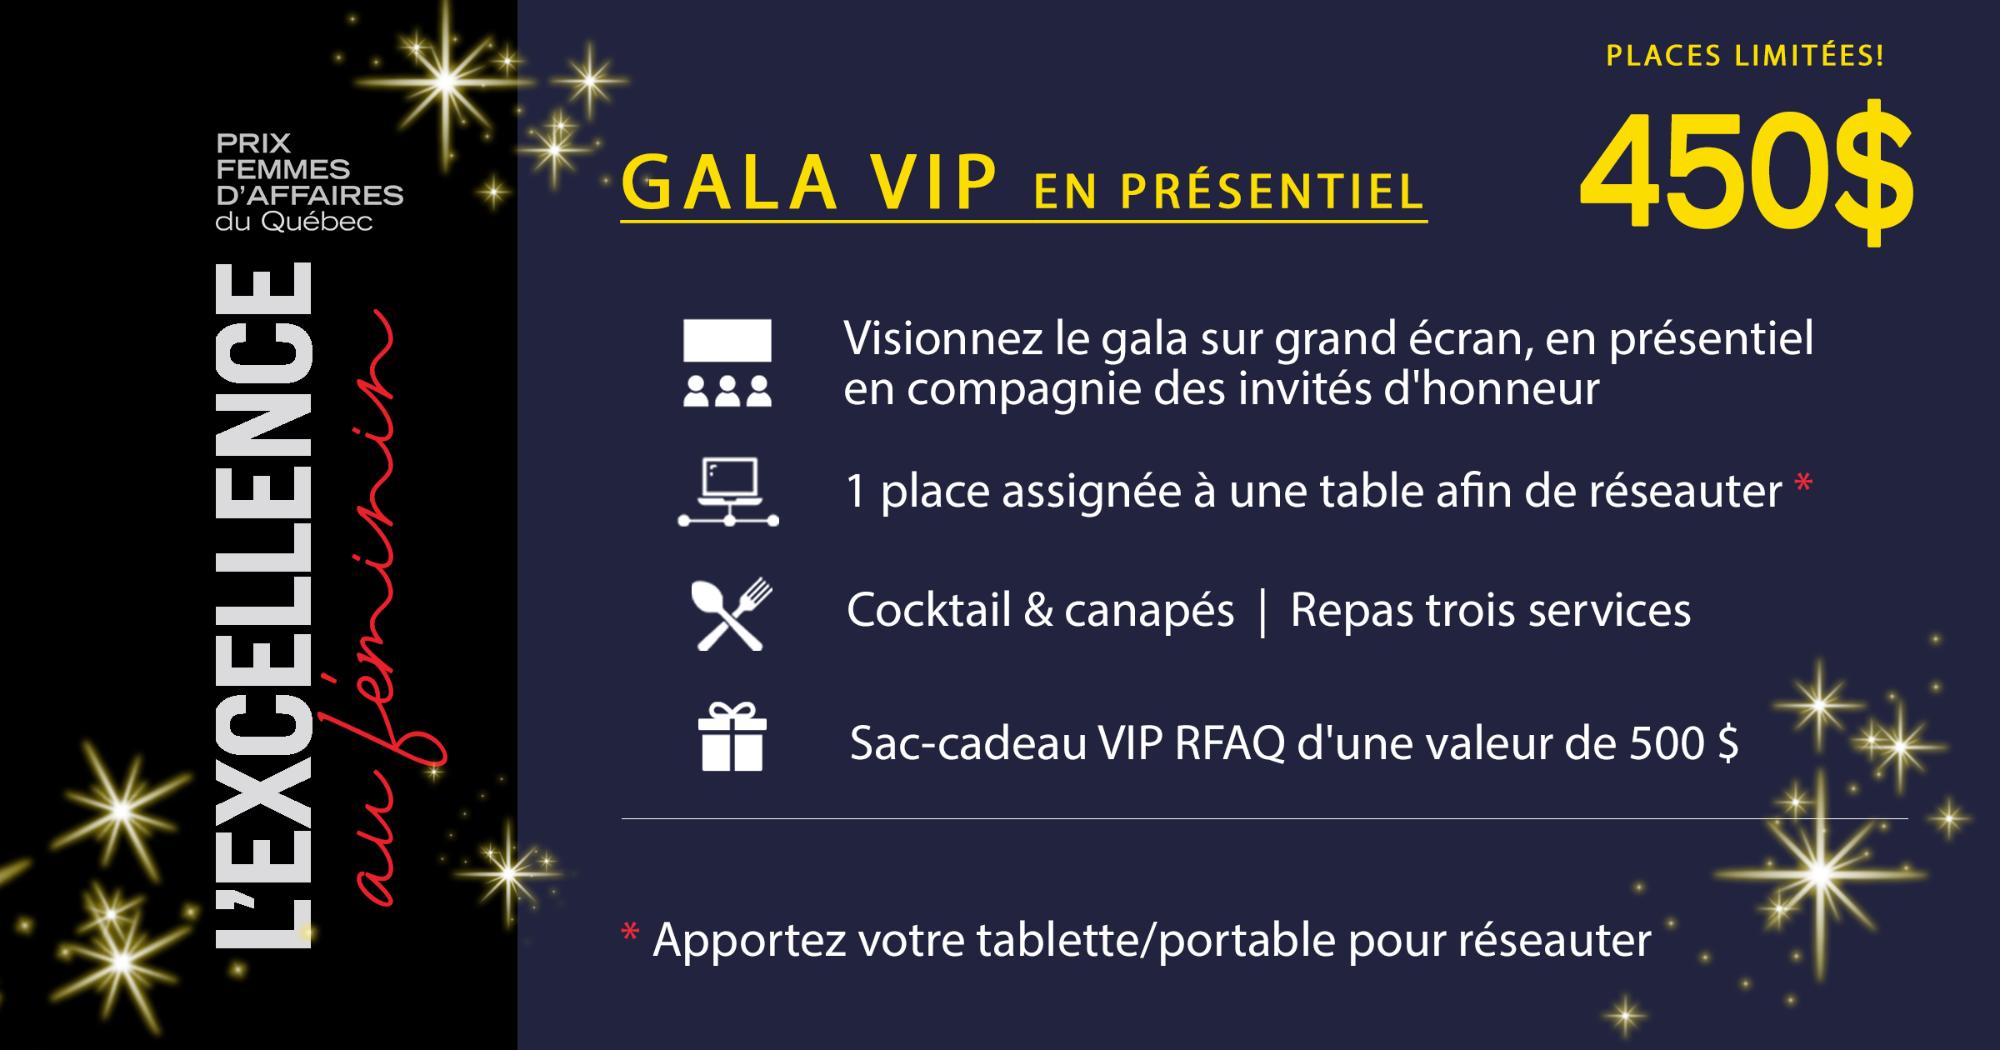 GALA VIP